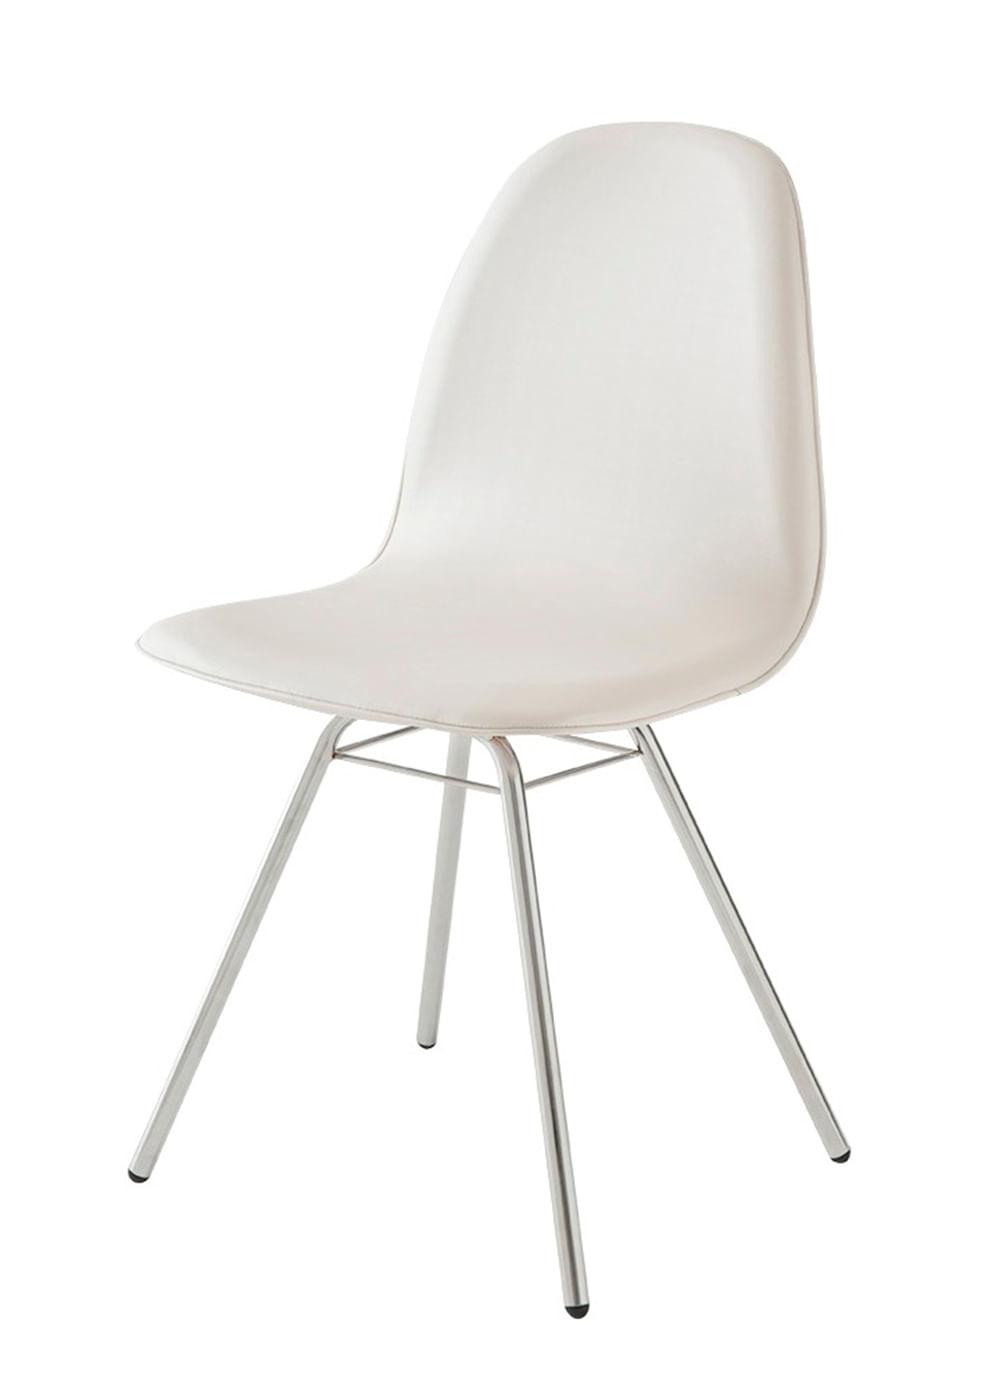 Cadeira Boom Slim Assento Estofado Dunas Branco com Base Cromada - 46886